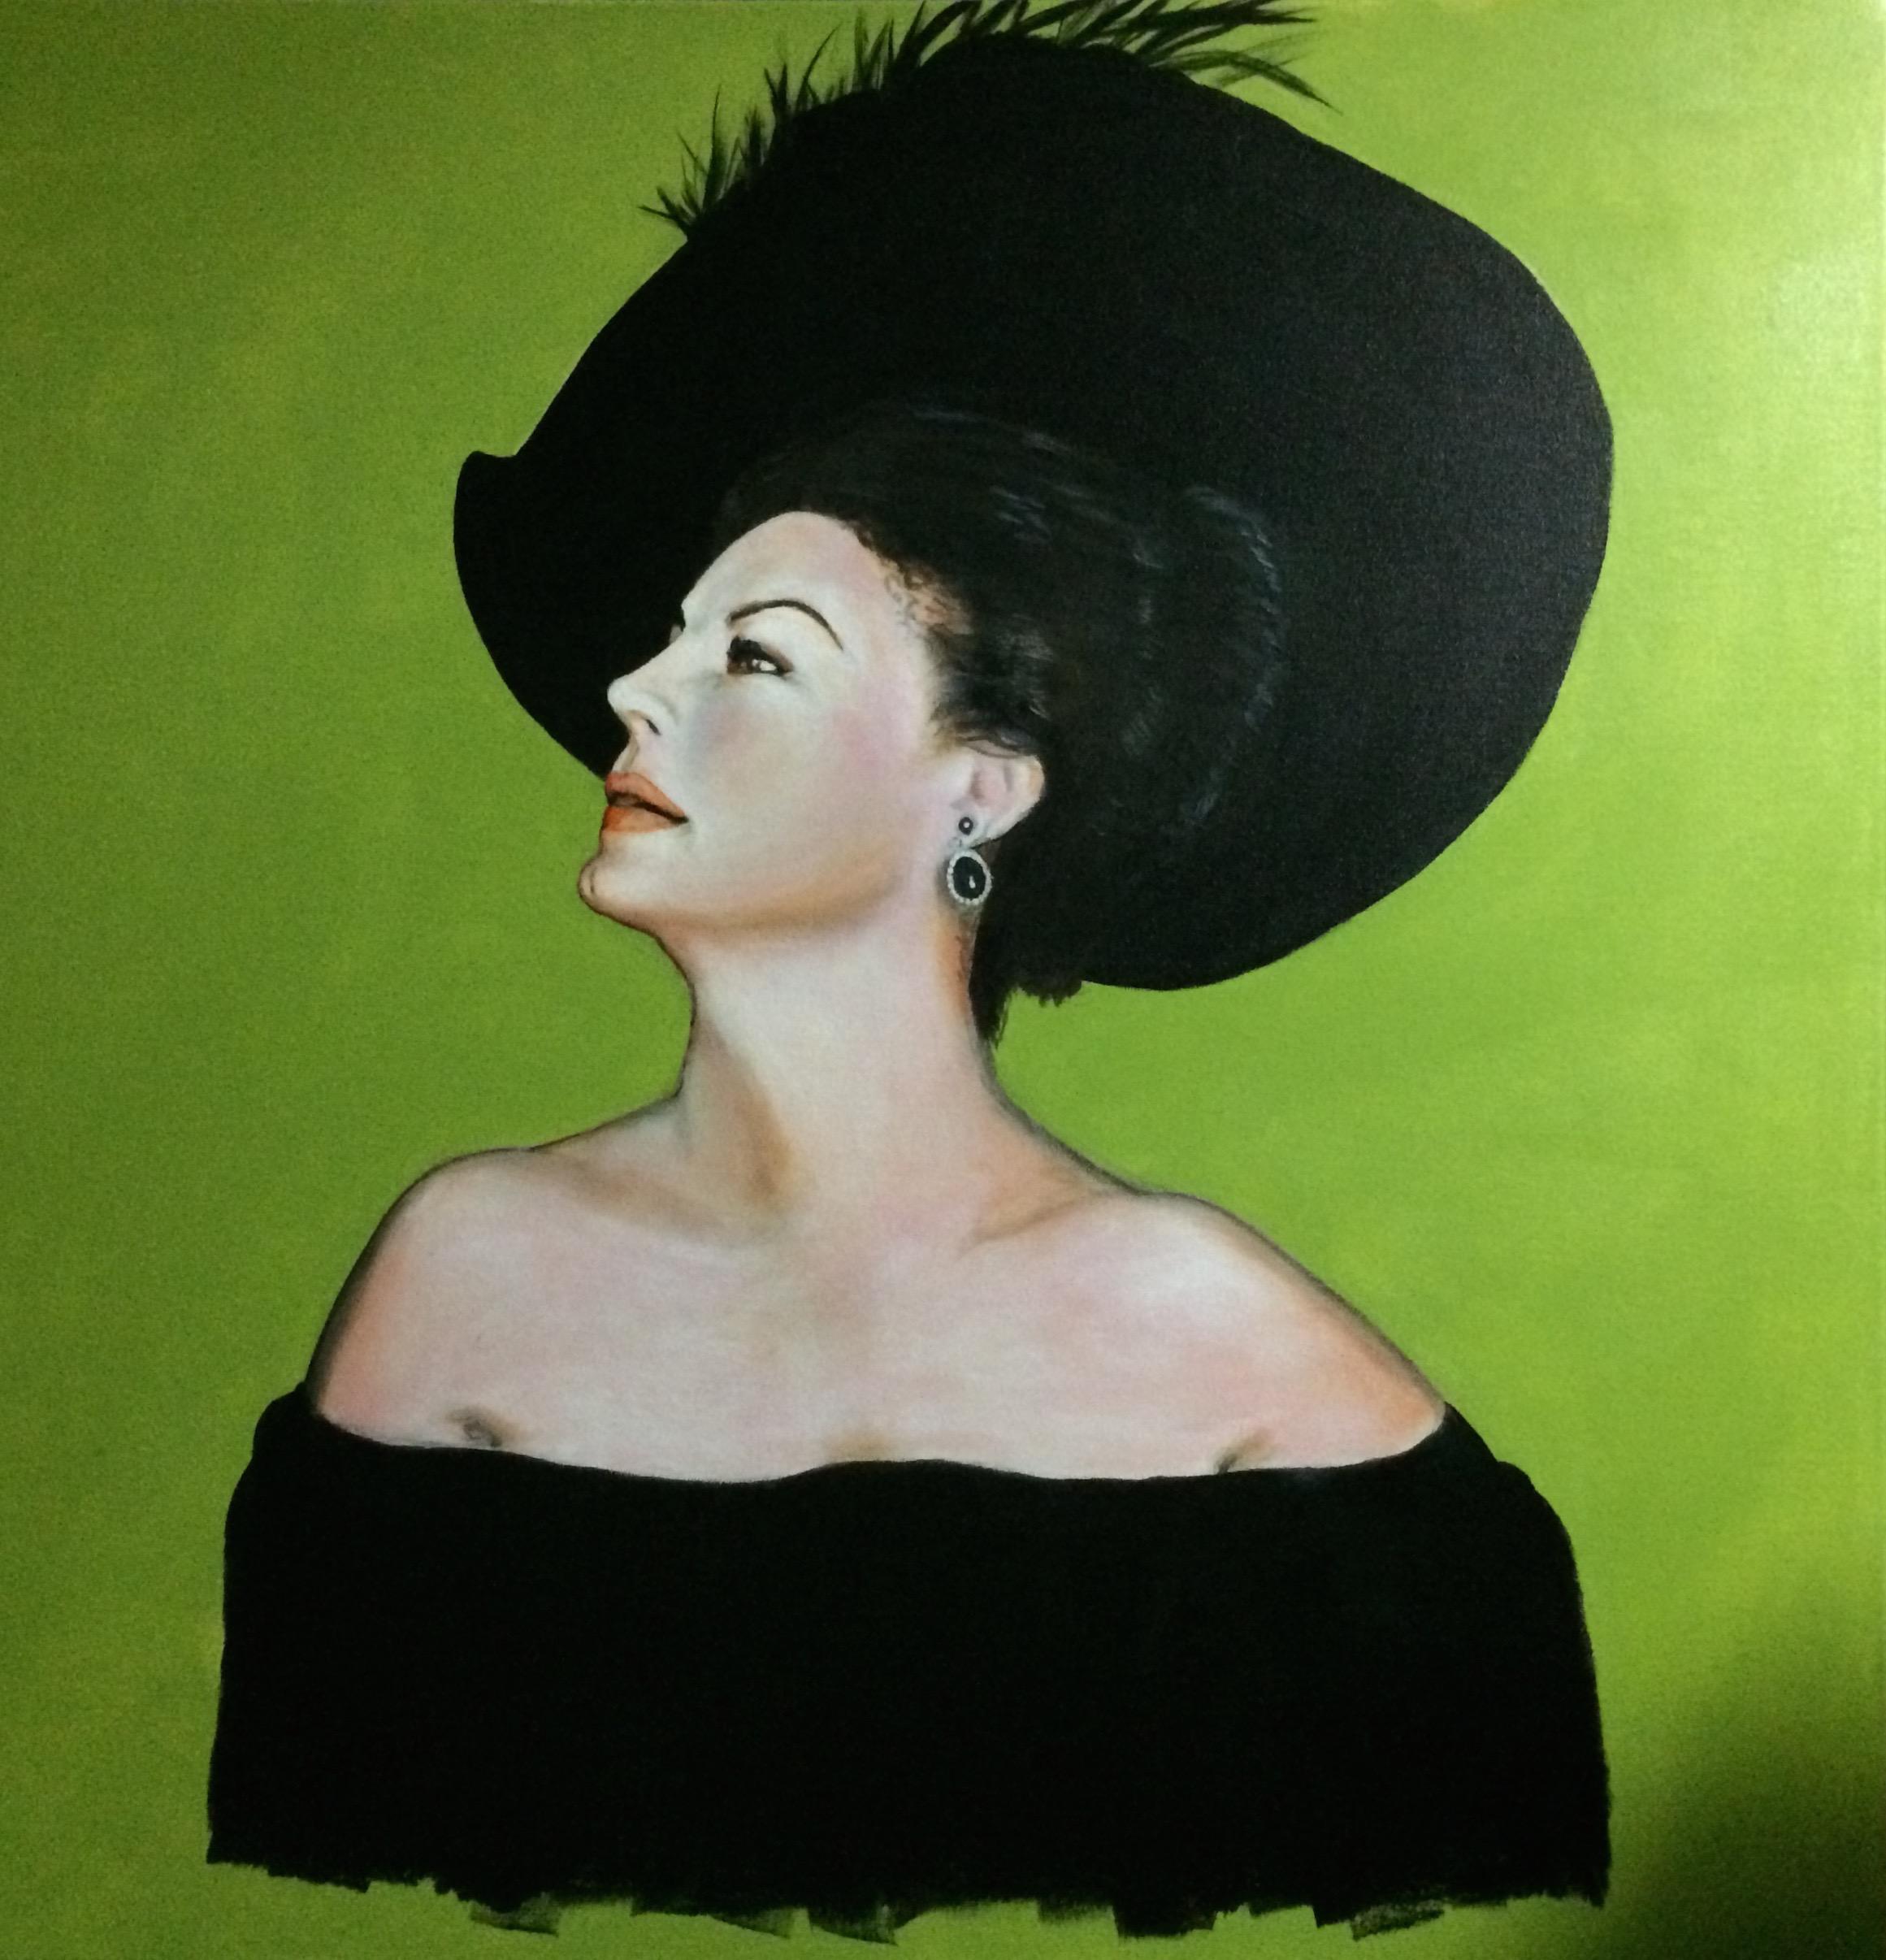 Actress Ava Gardner painting by Ken Tobias.